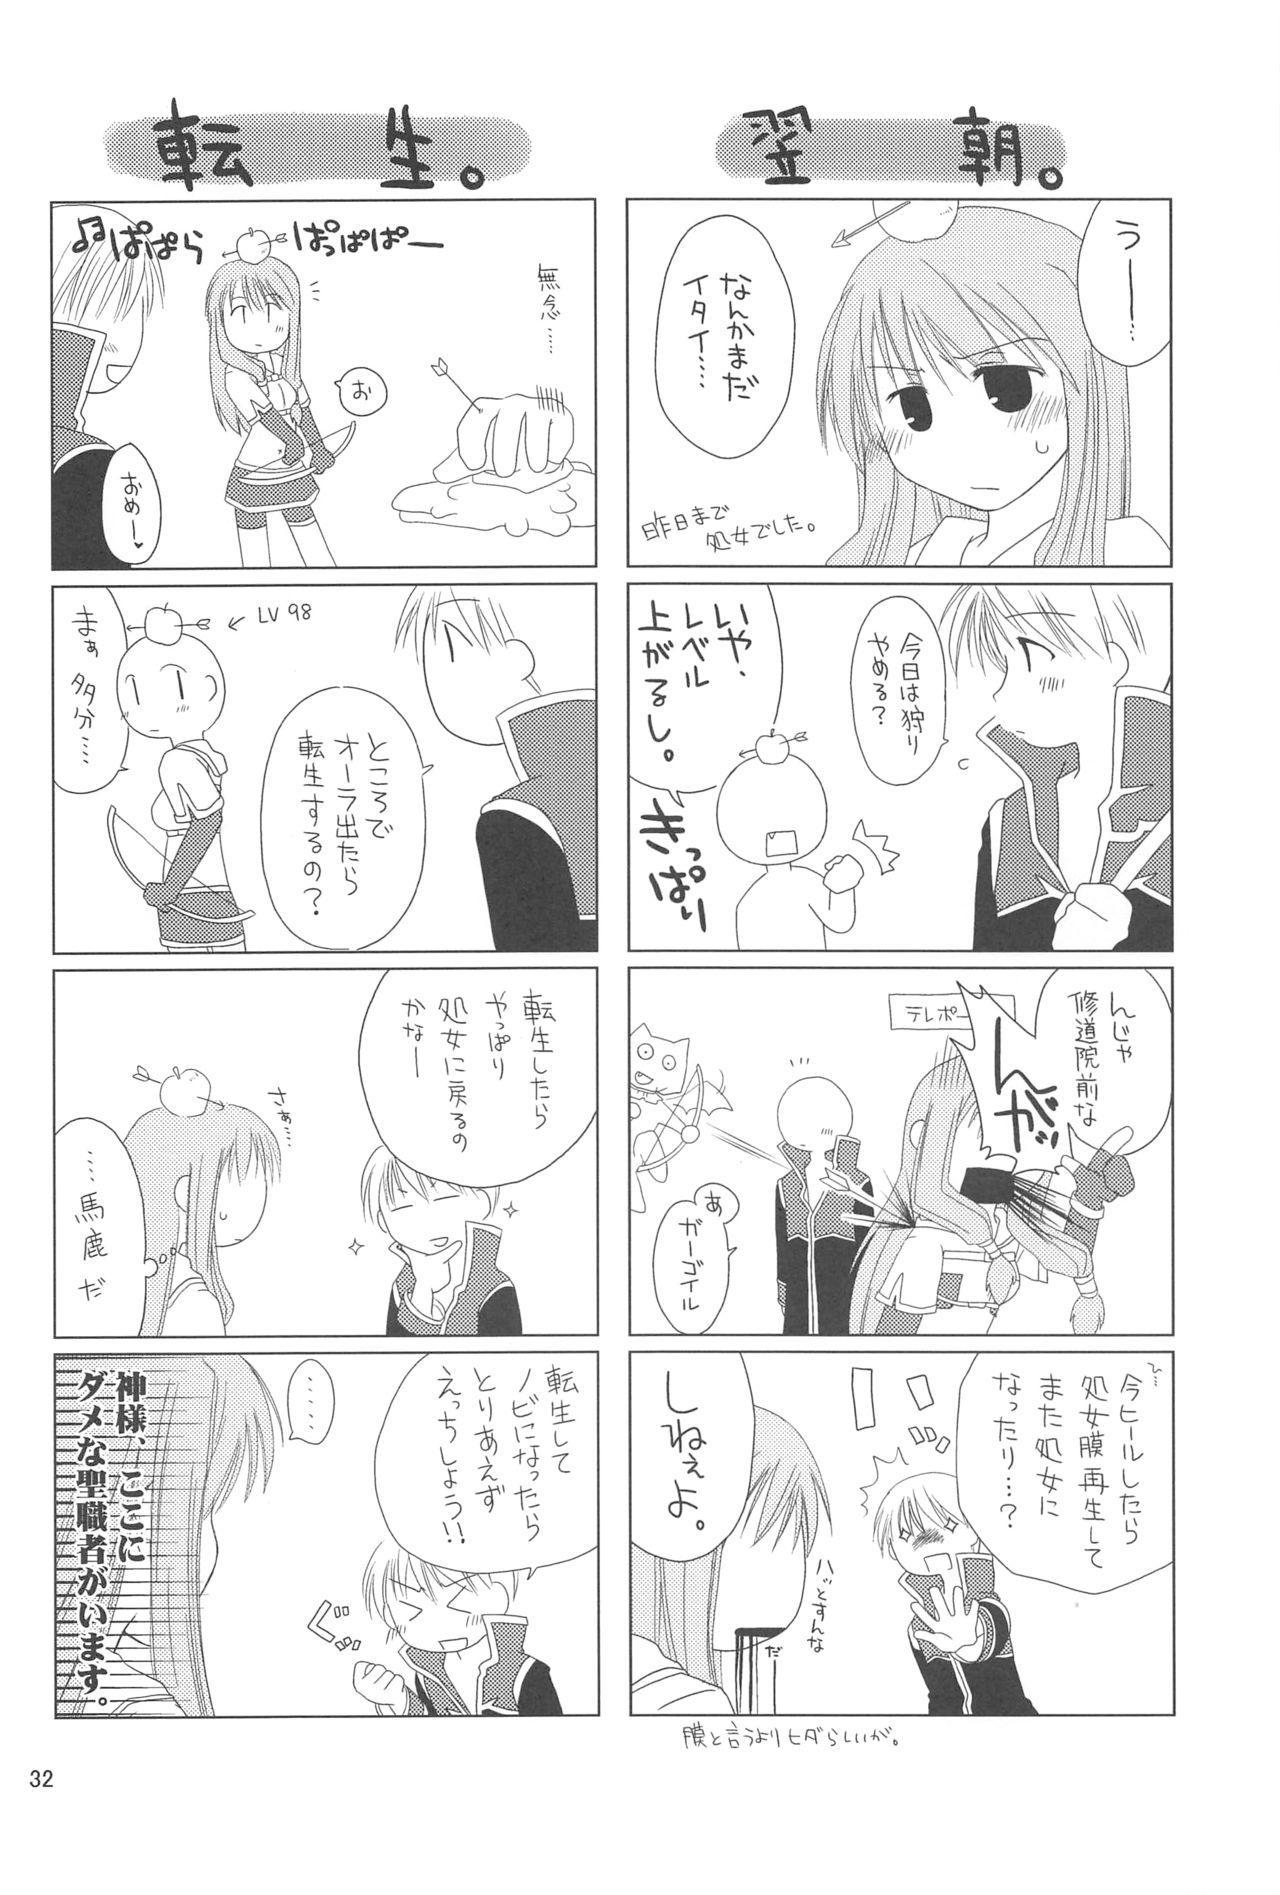 Quagmire no Chuushin de, Shuuchuuryoku Koujou to Sakebu 30